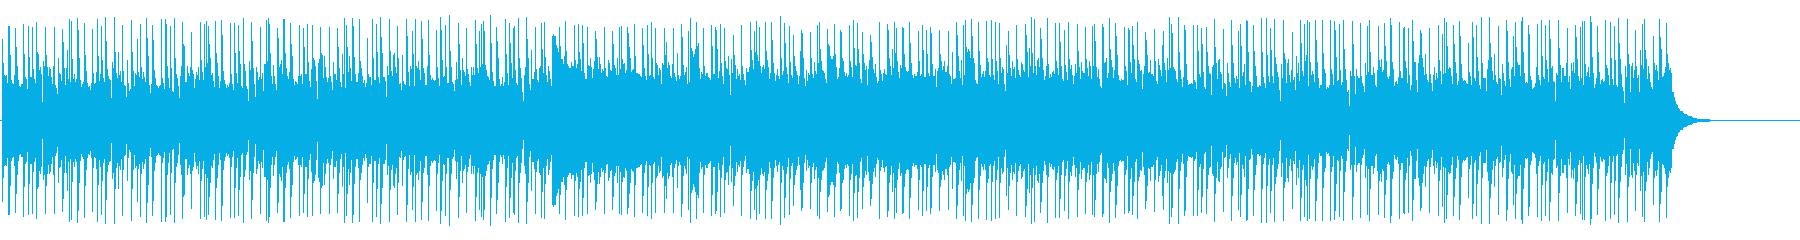 不穏な空気の怪しいマイナードキュメントの再生済みの波形